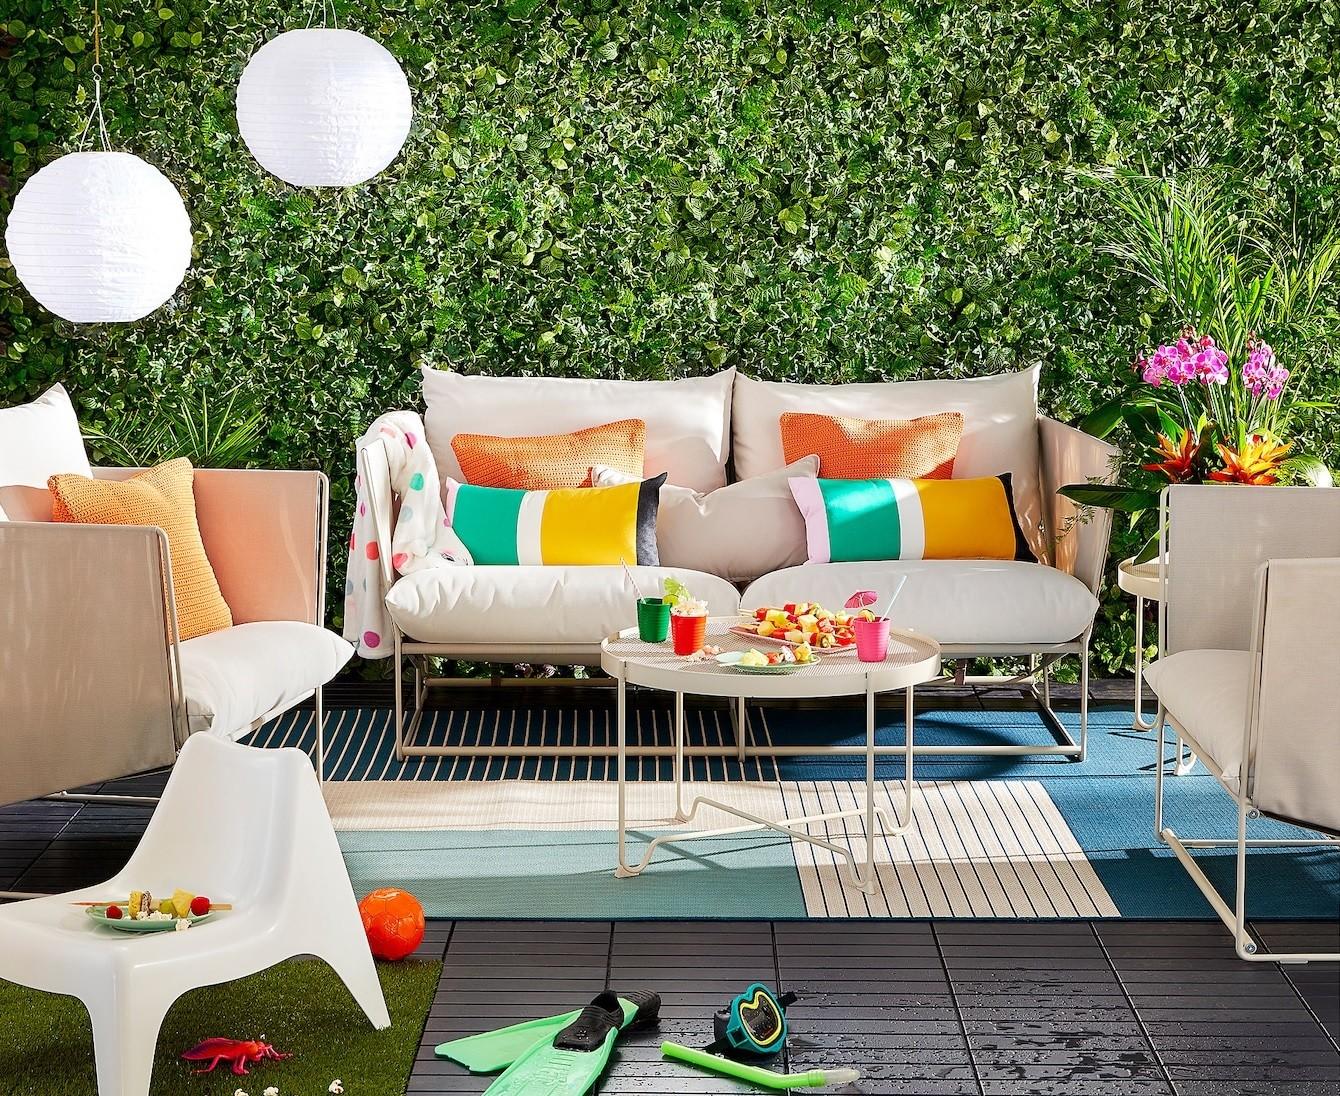 Ikea nos pone muy fácil aprovechar la terraza o el jardín